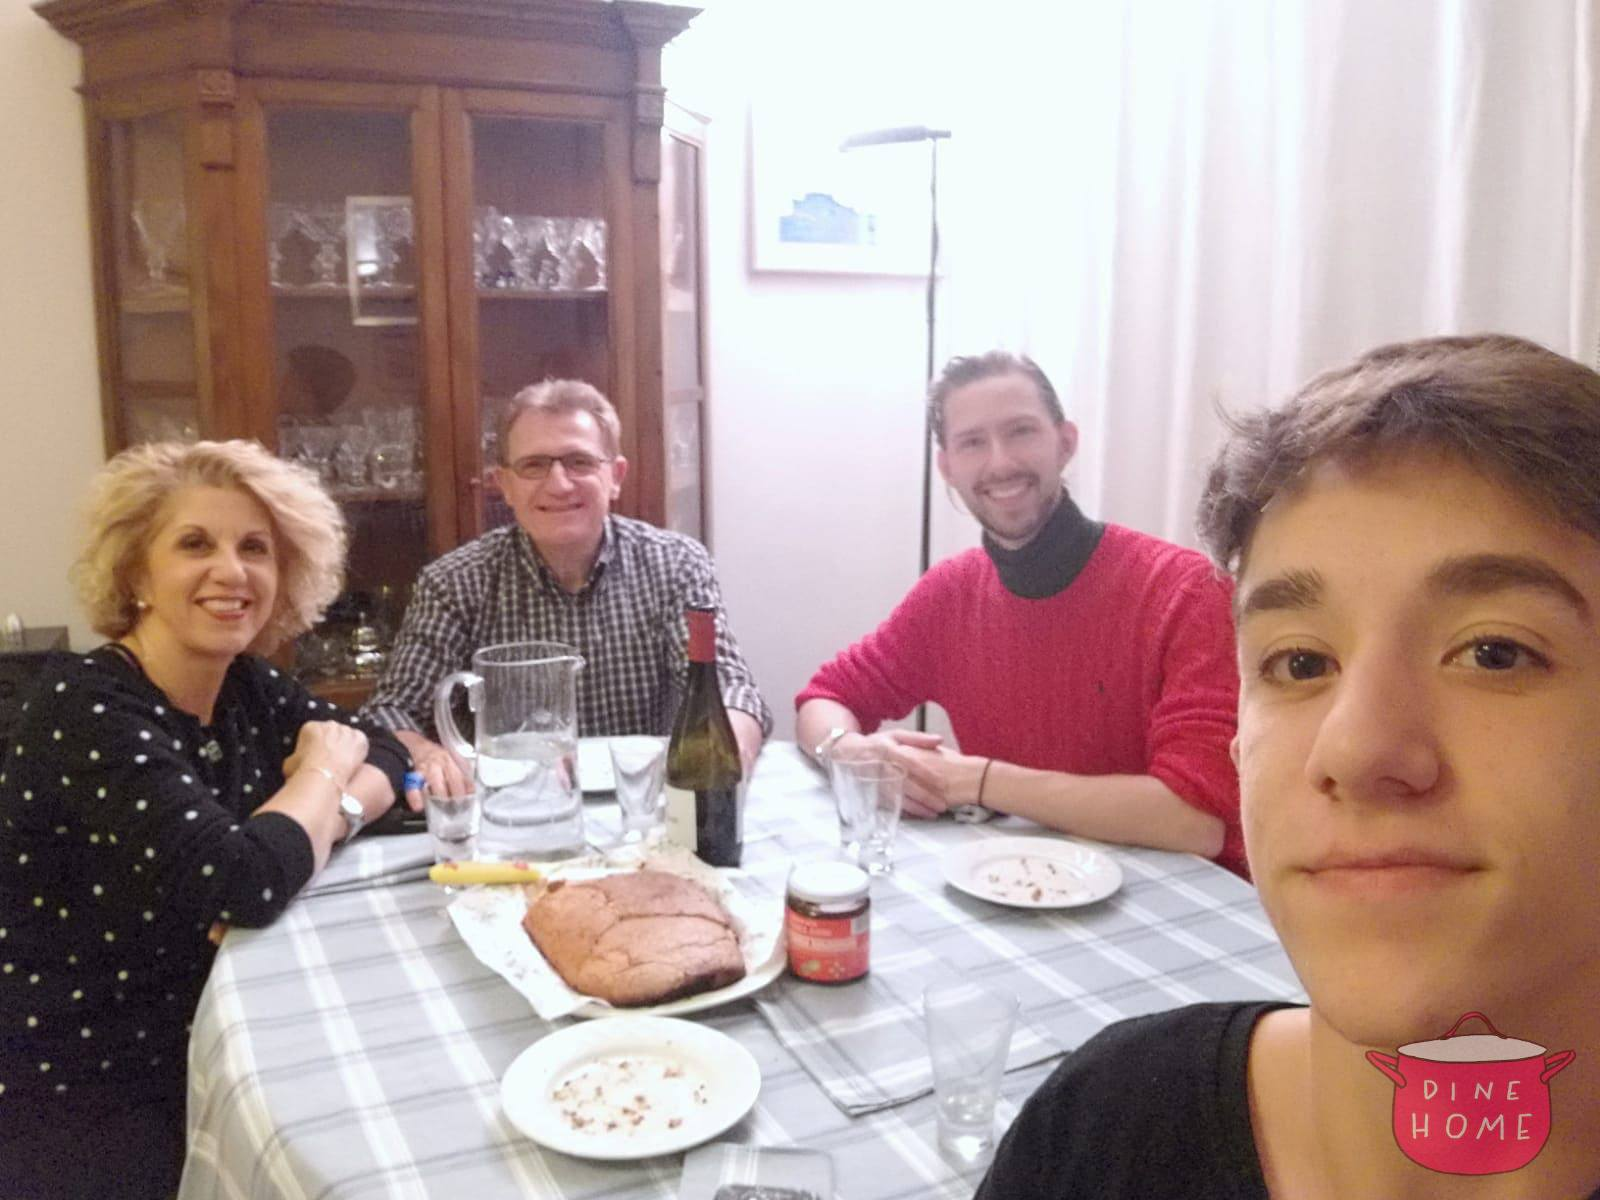 Kyle, studente dal Regno Unito, a cena dalla sua famiglia Dinehome.